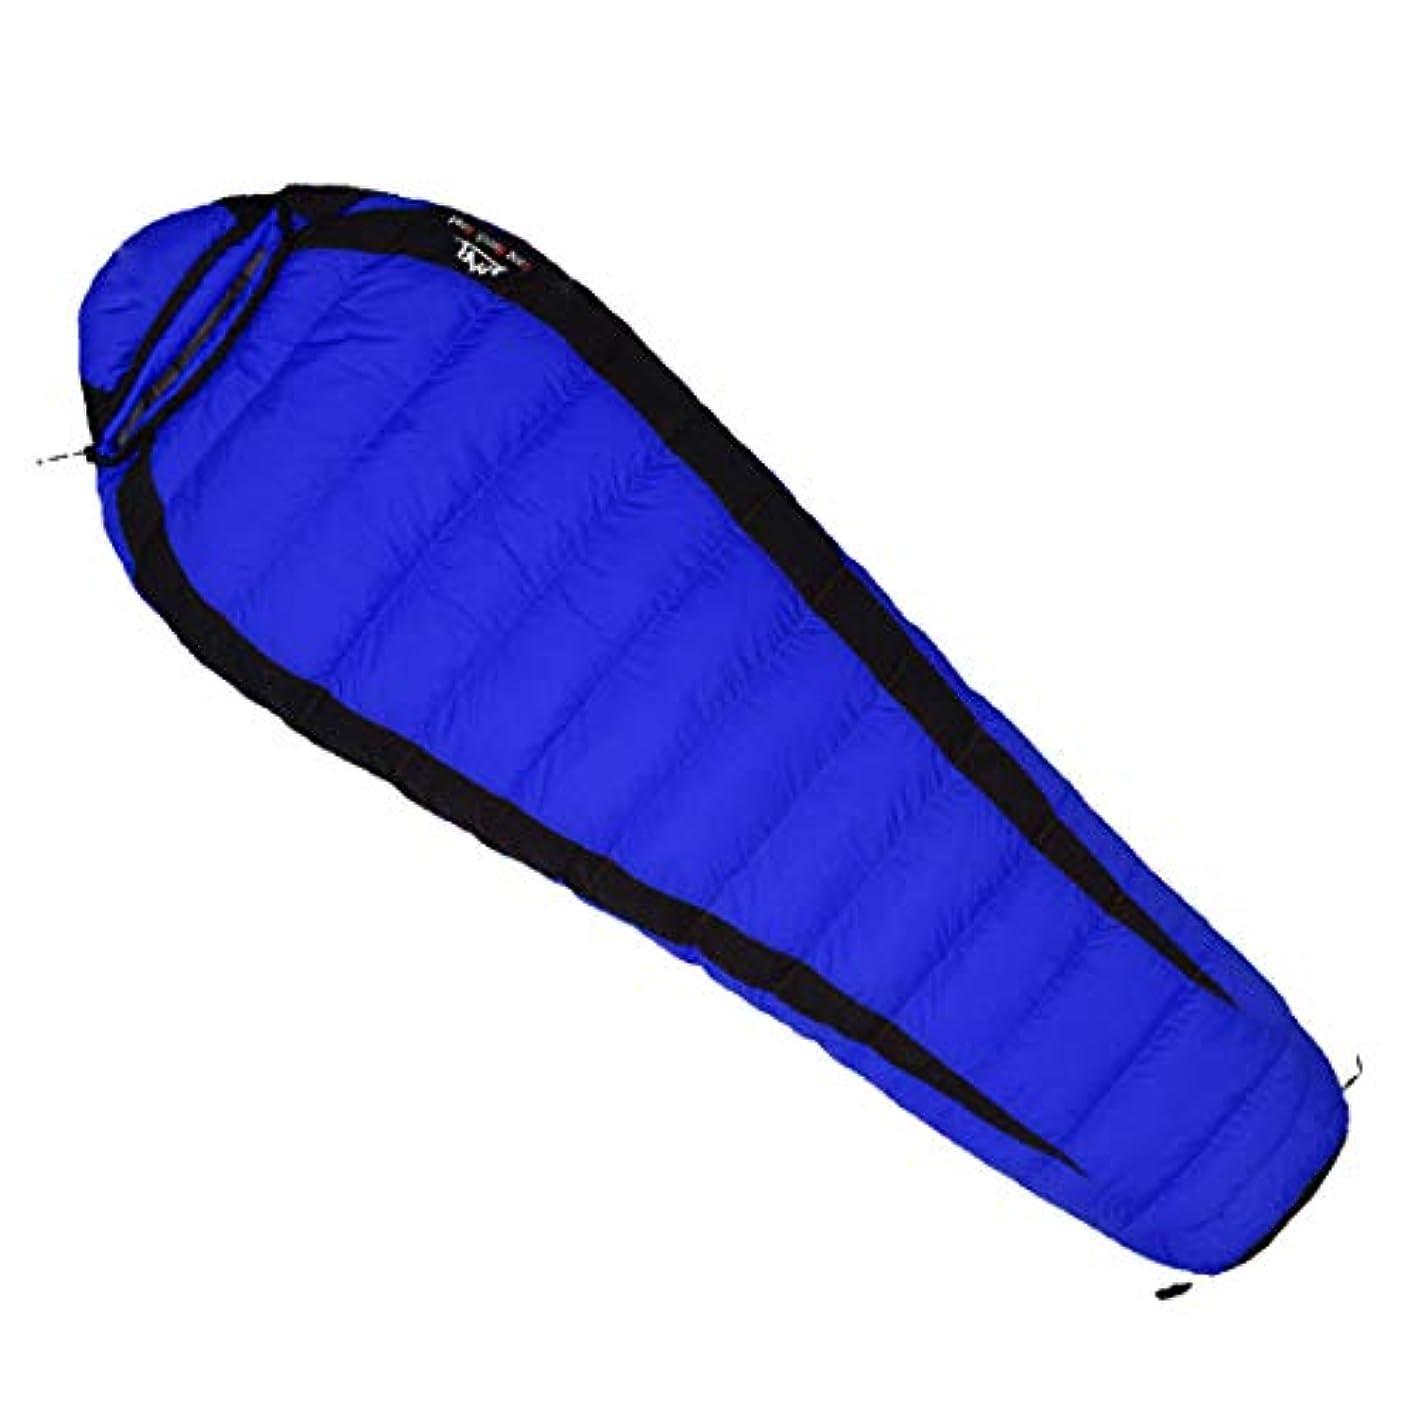 チョークアブセイ完全にLilyAngel 寝袋は暖かいフィールドを保持ポータブルミイラは、キャップを寝袋でダブルファイト厚い通気性の寝袋は、屋外キャンプに適したダウン充填